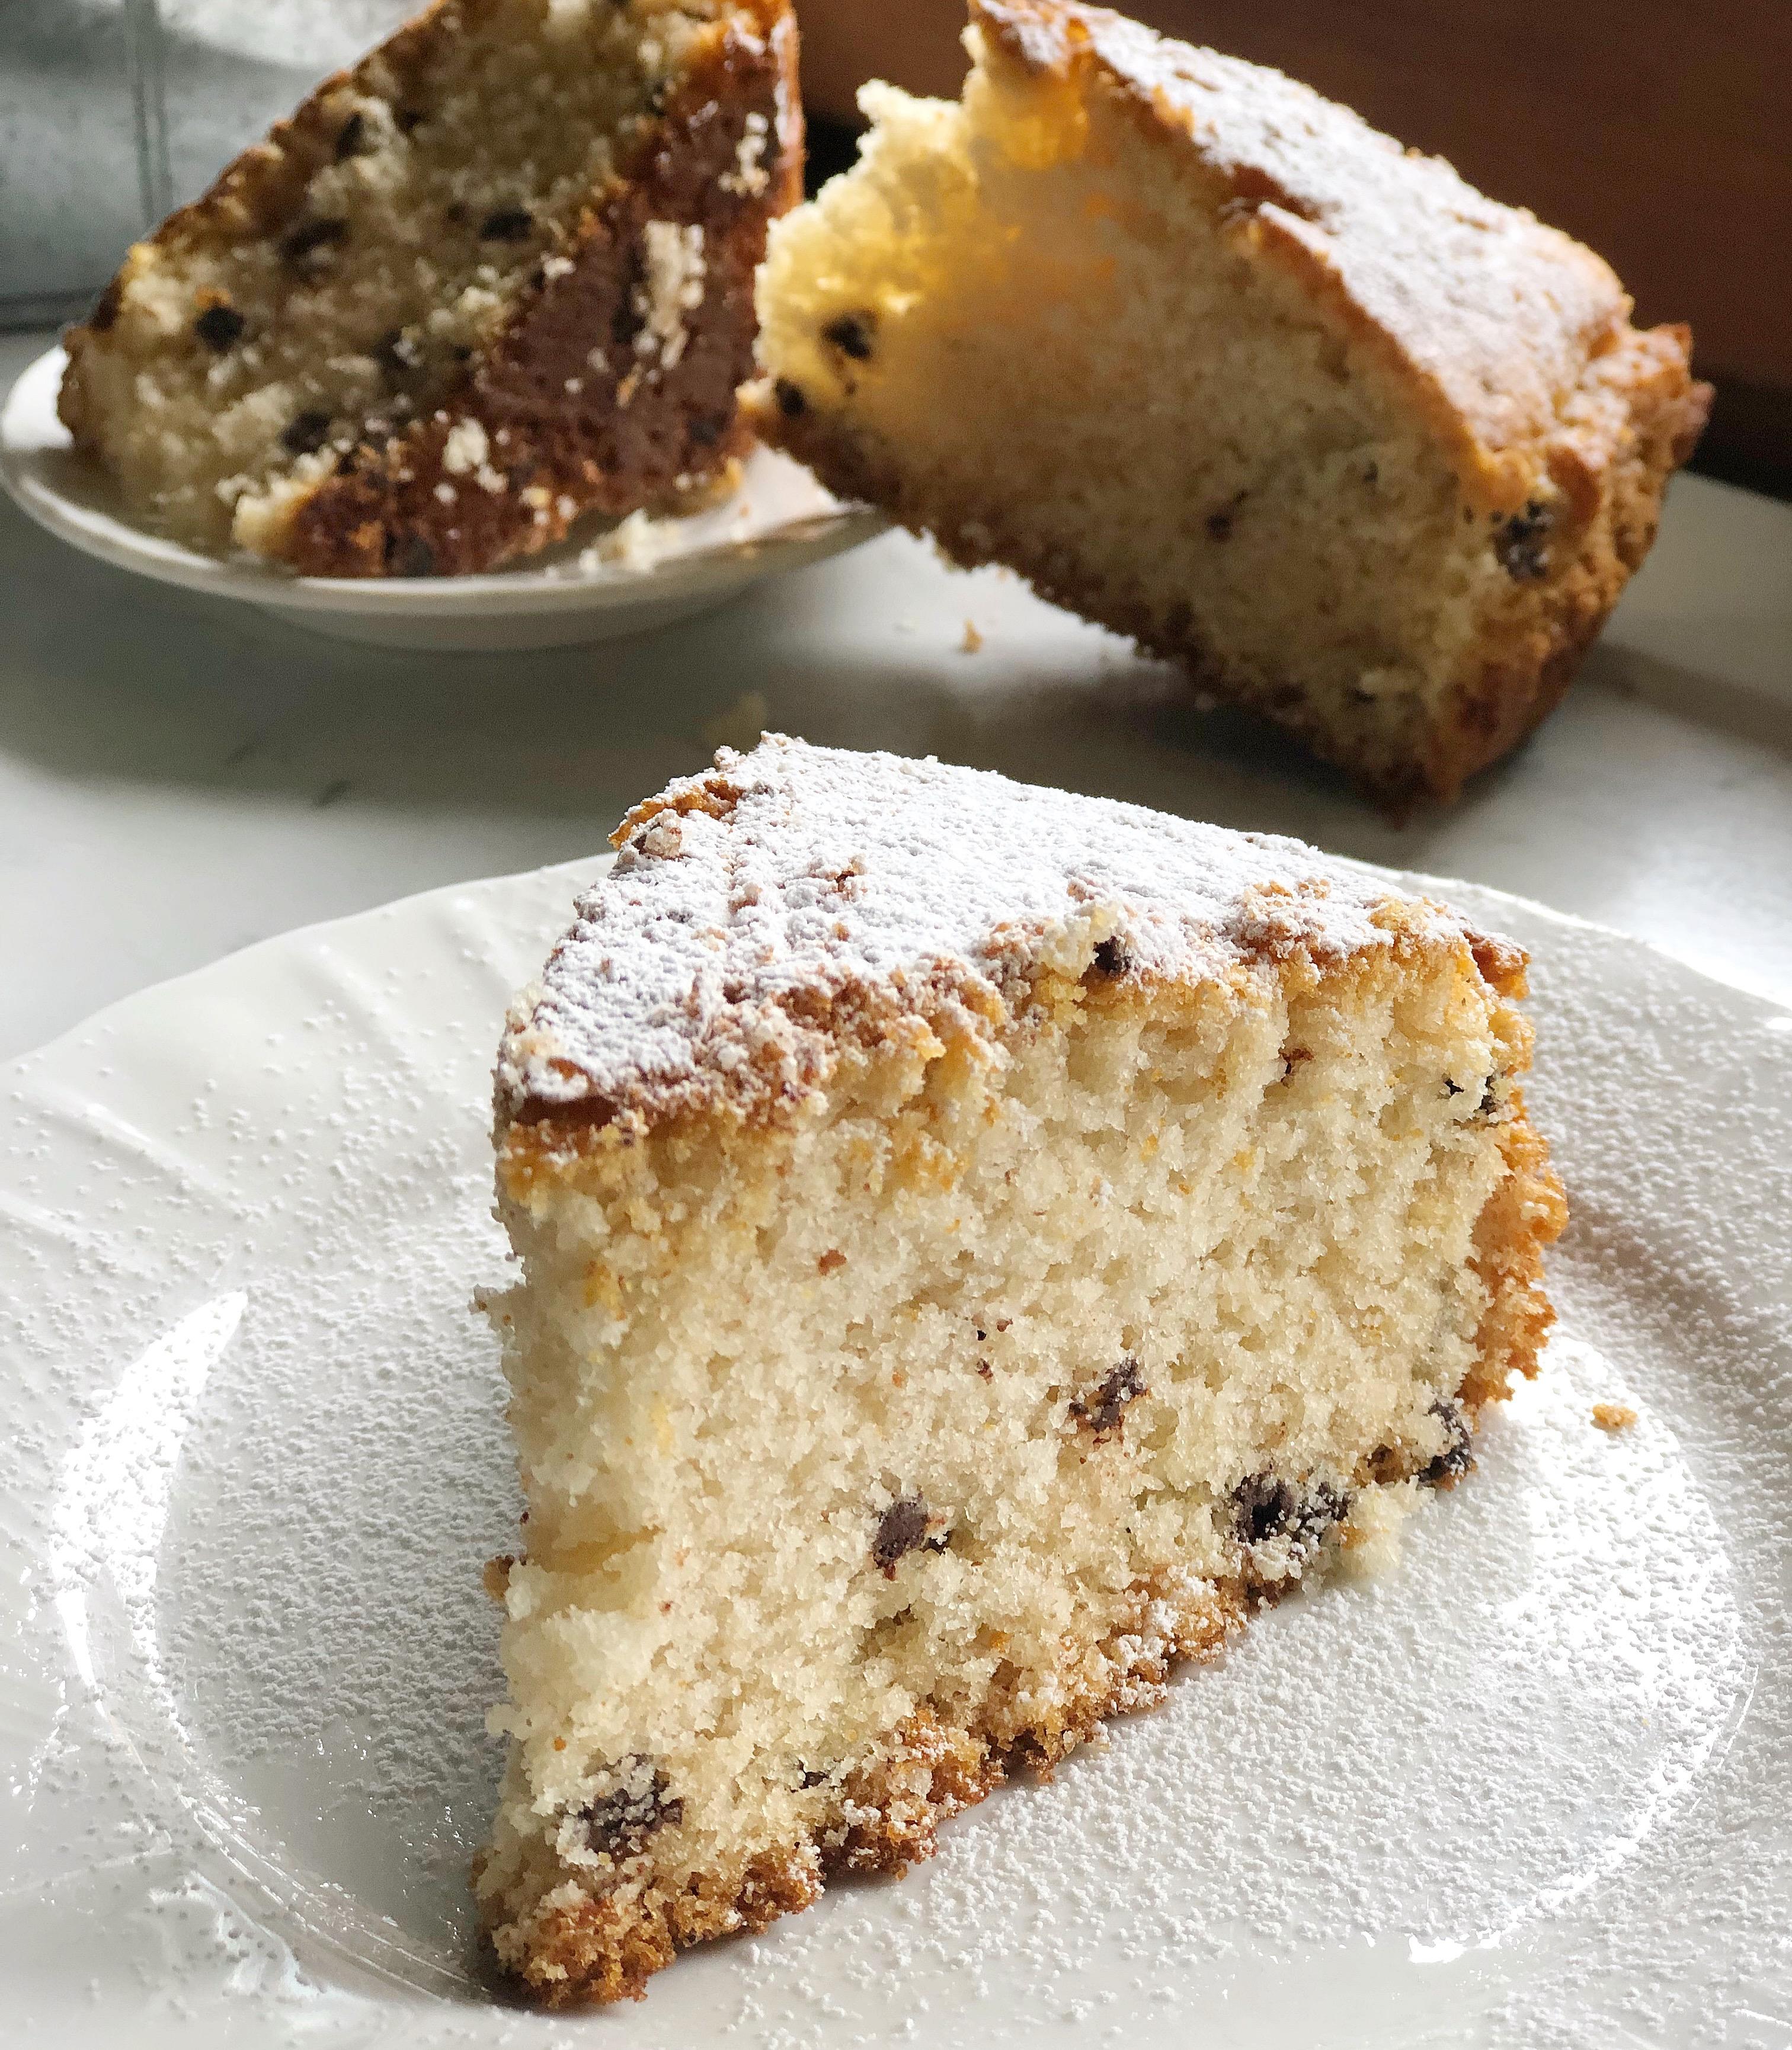 La Torta Vegana con Gocce di Cioccolato, adatta a tutti, golosa e leggera di dolci senza burro